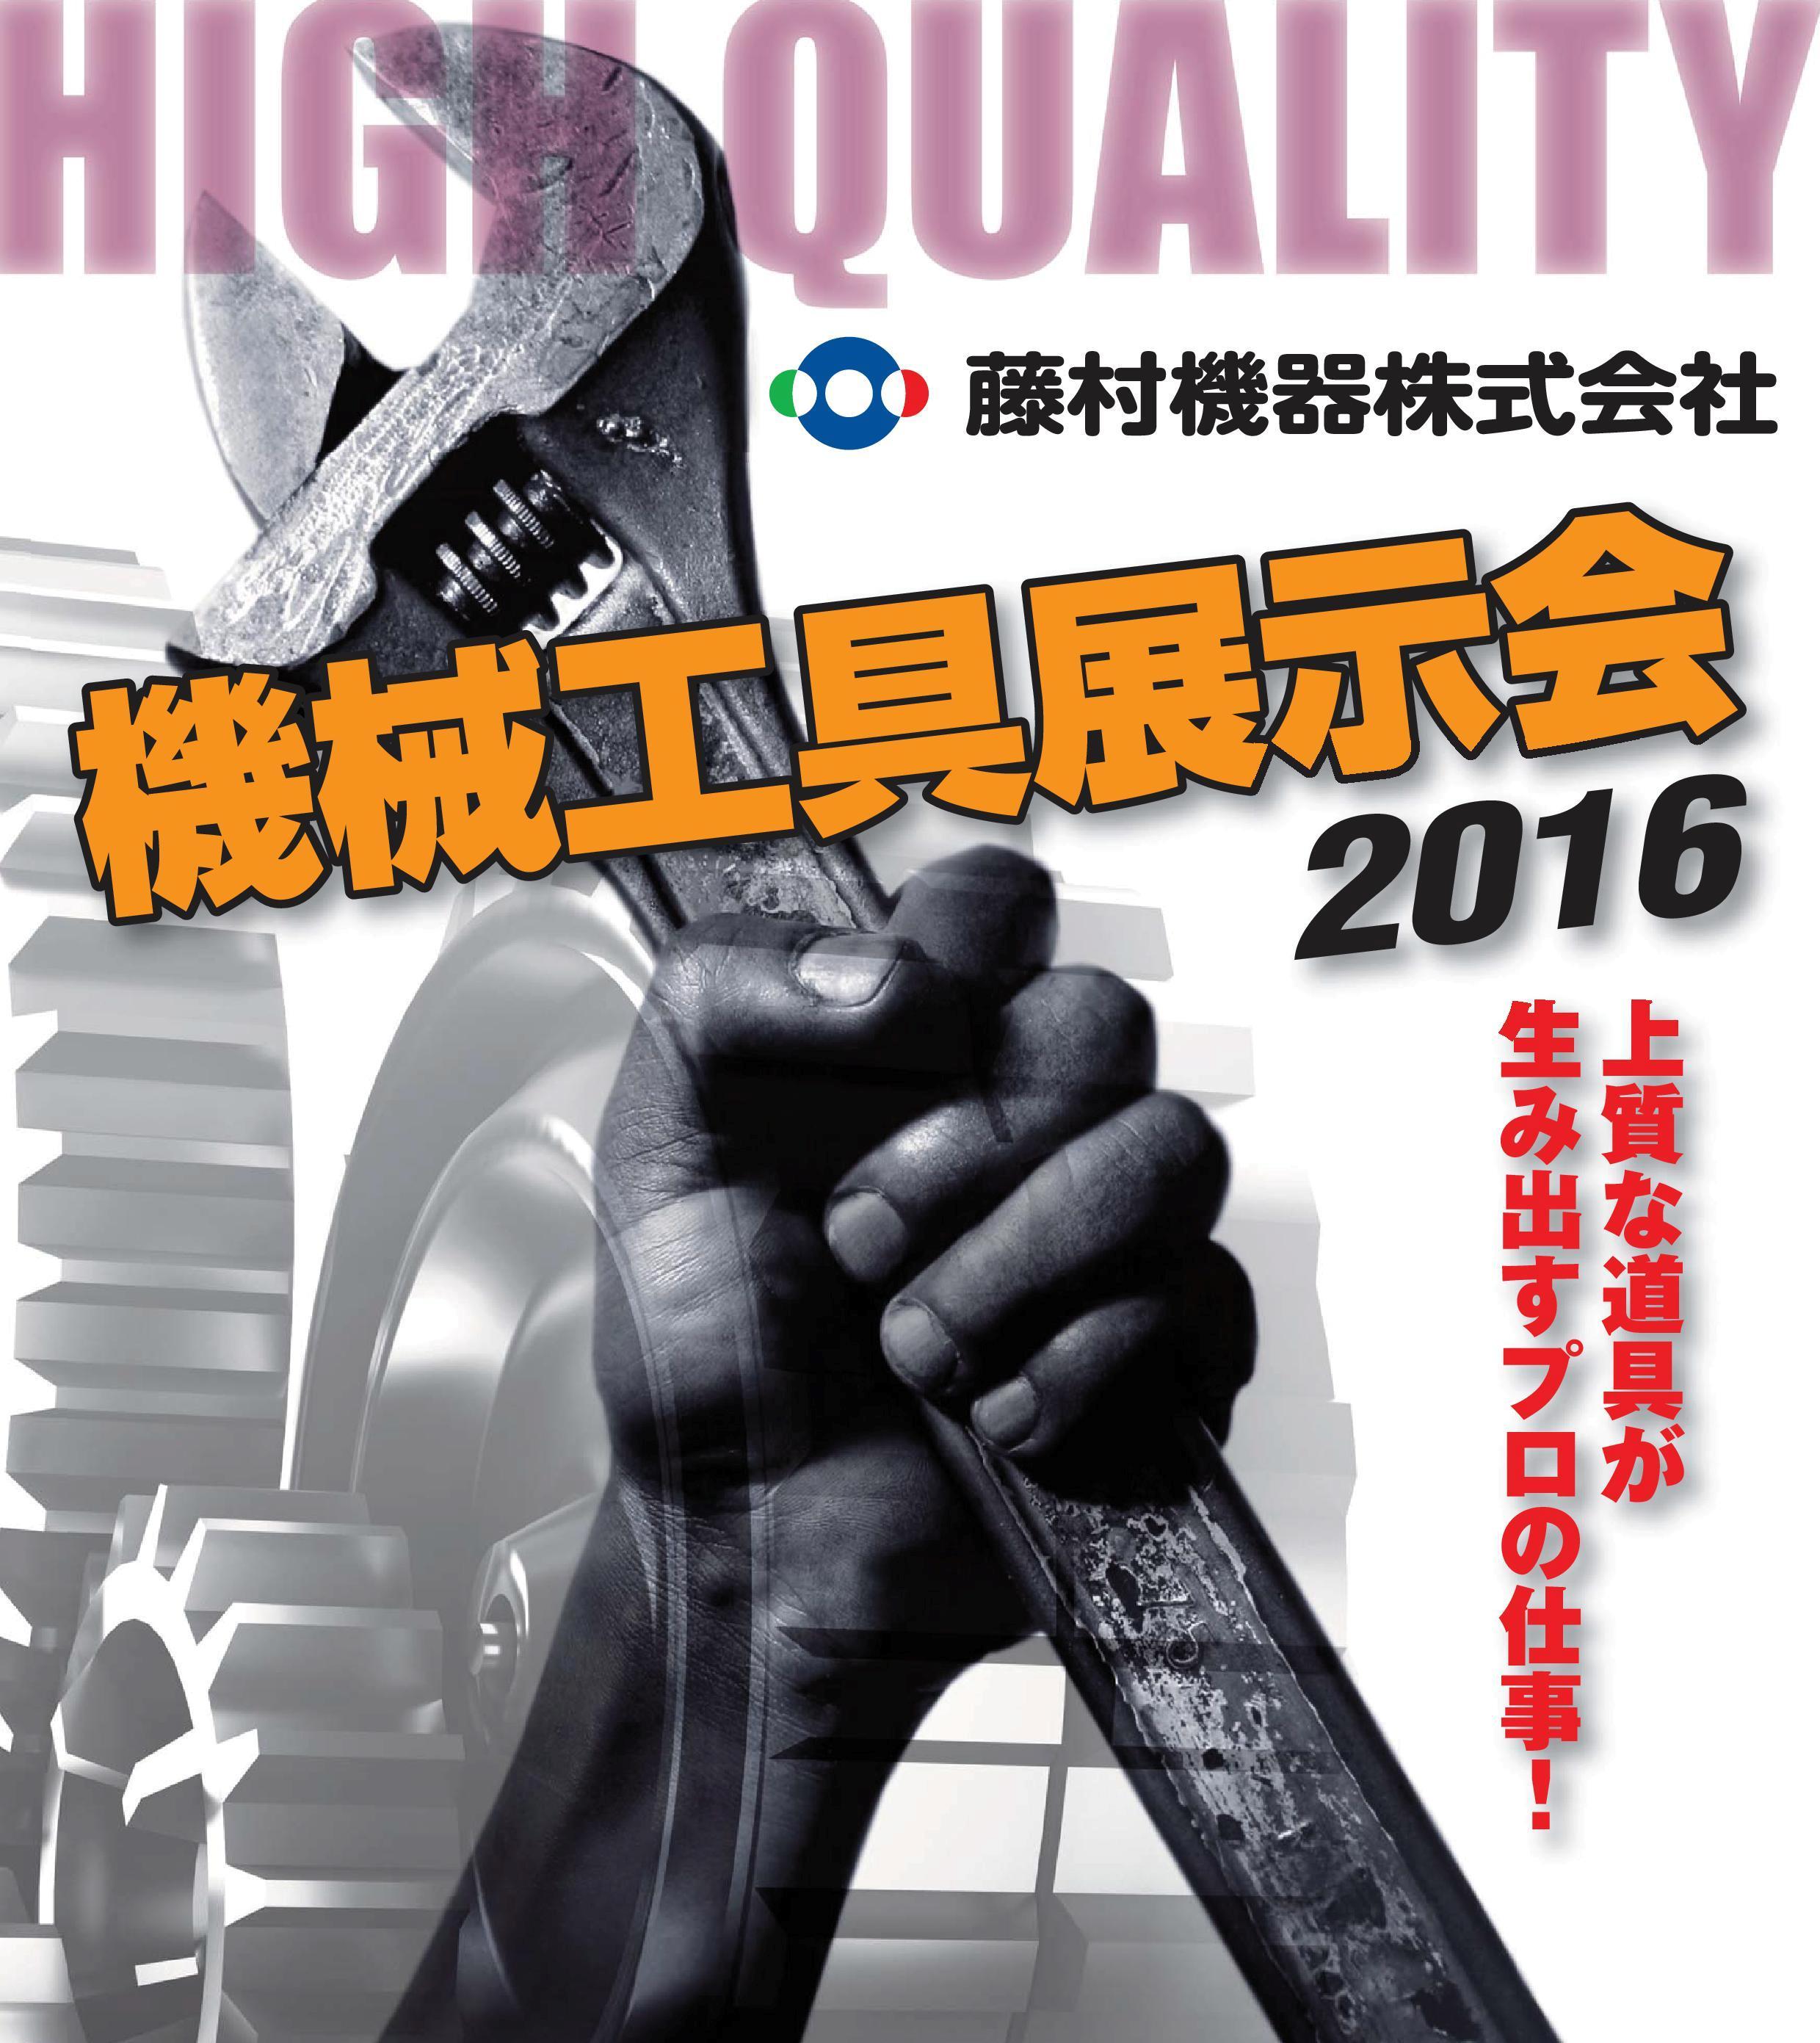 機械工具展示会